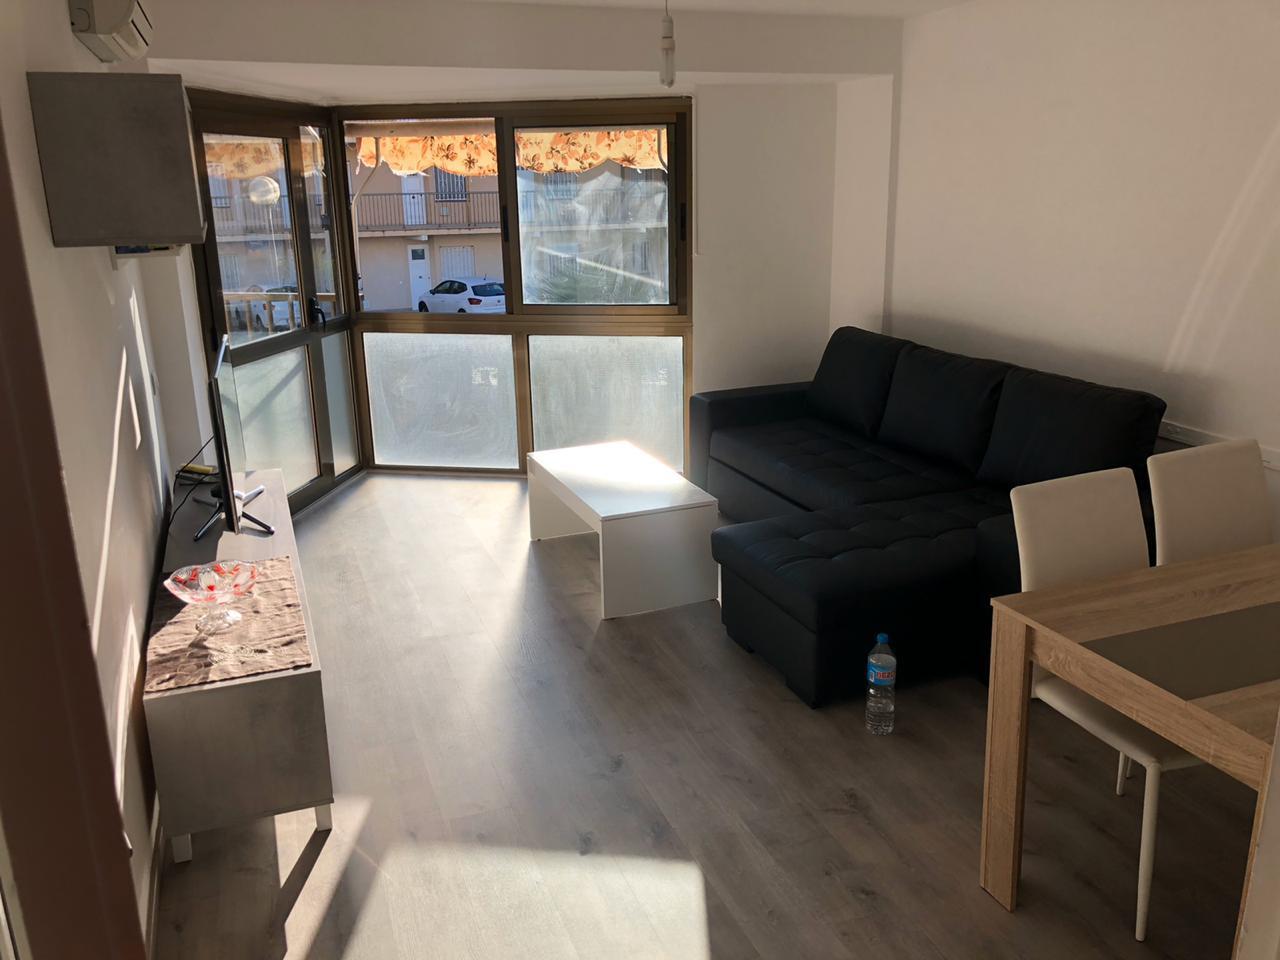 Appartement -                                       Cambrils -                                       2 Schlafzimmer -                                       0 Personen